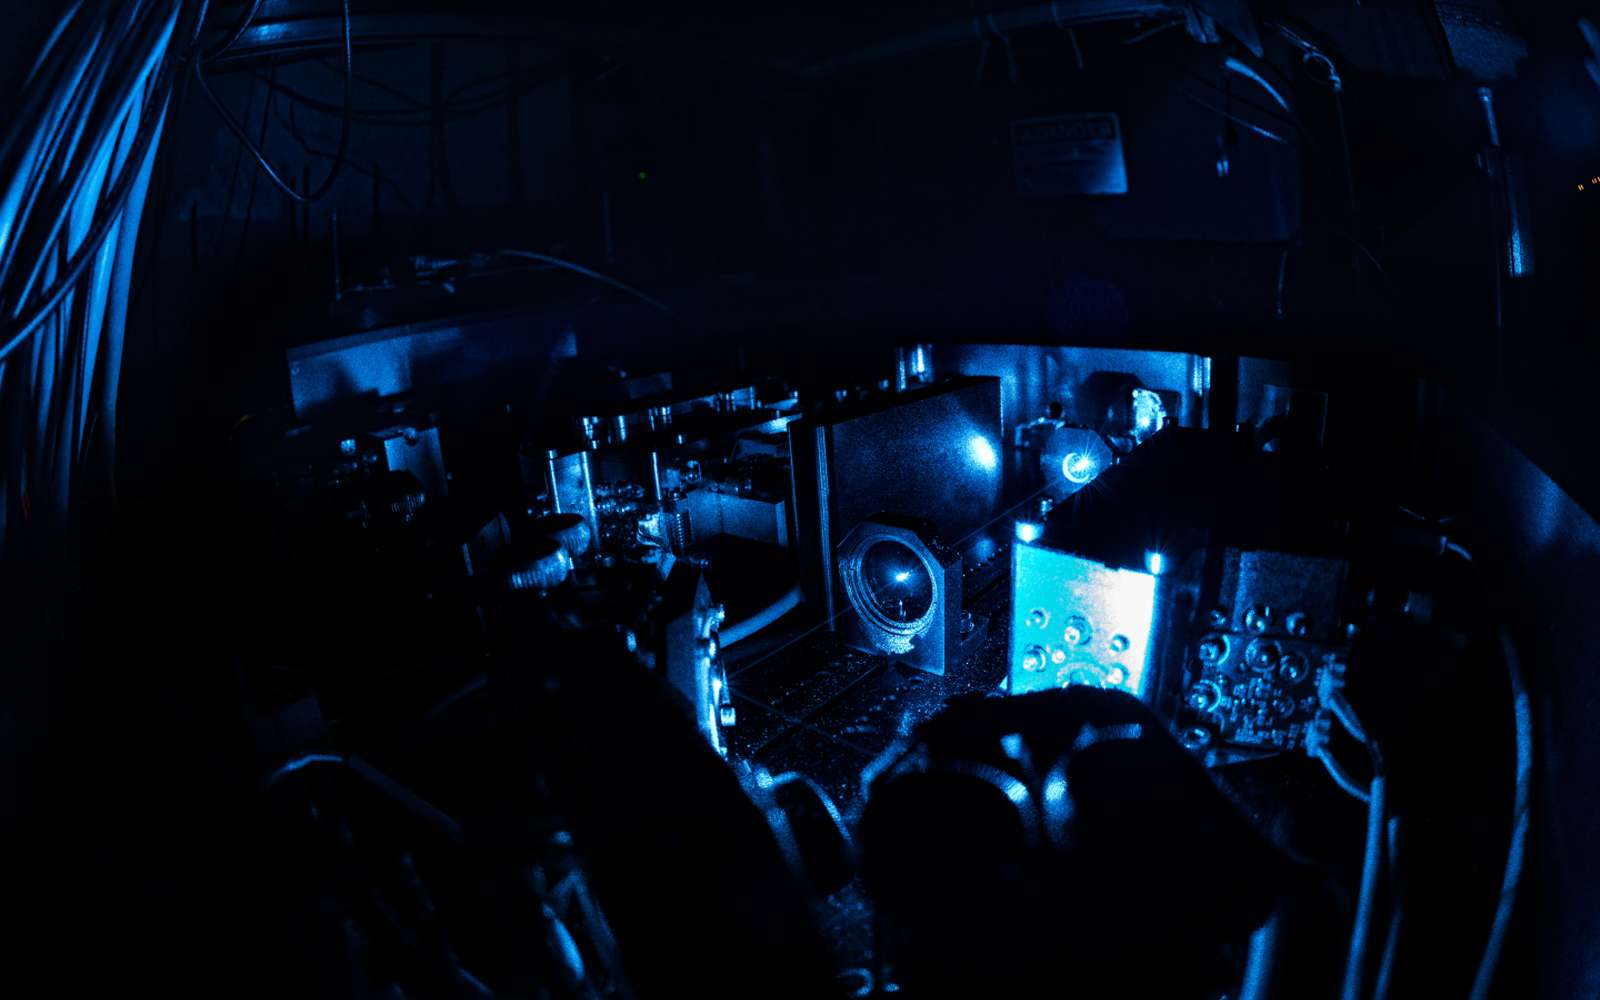 Le dispositif laser utilisé pour étudier le spectre des atomes d'antihydrogène avec l'expérience Alpha au Cern. © 2016-2020 Cern, Maximilien Brice